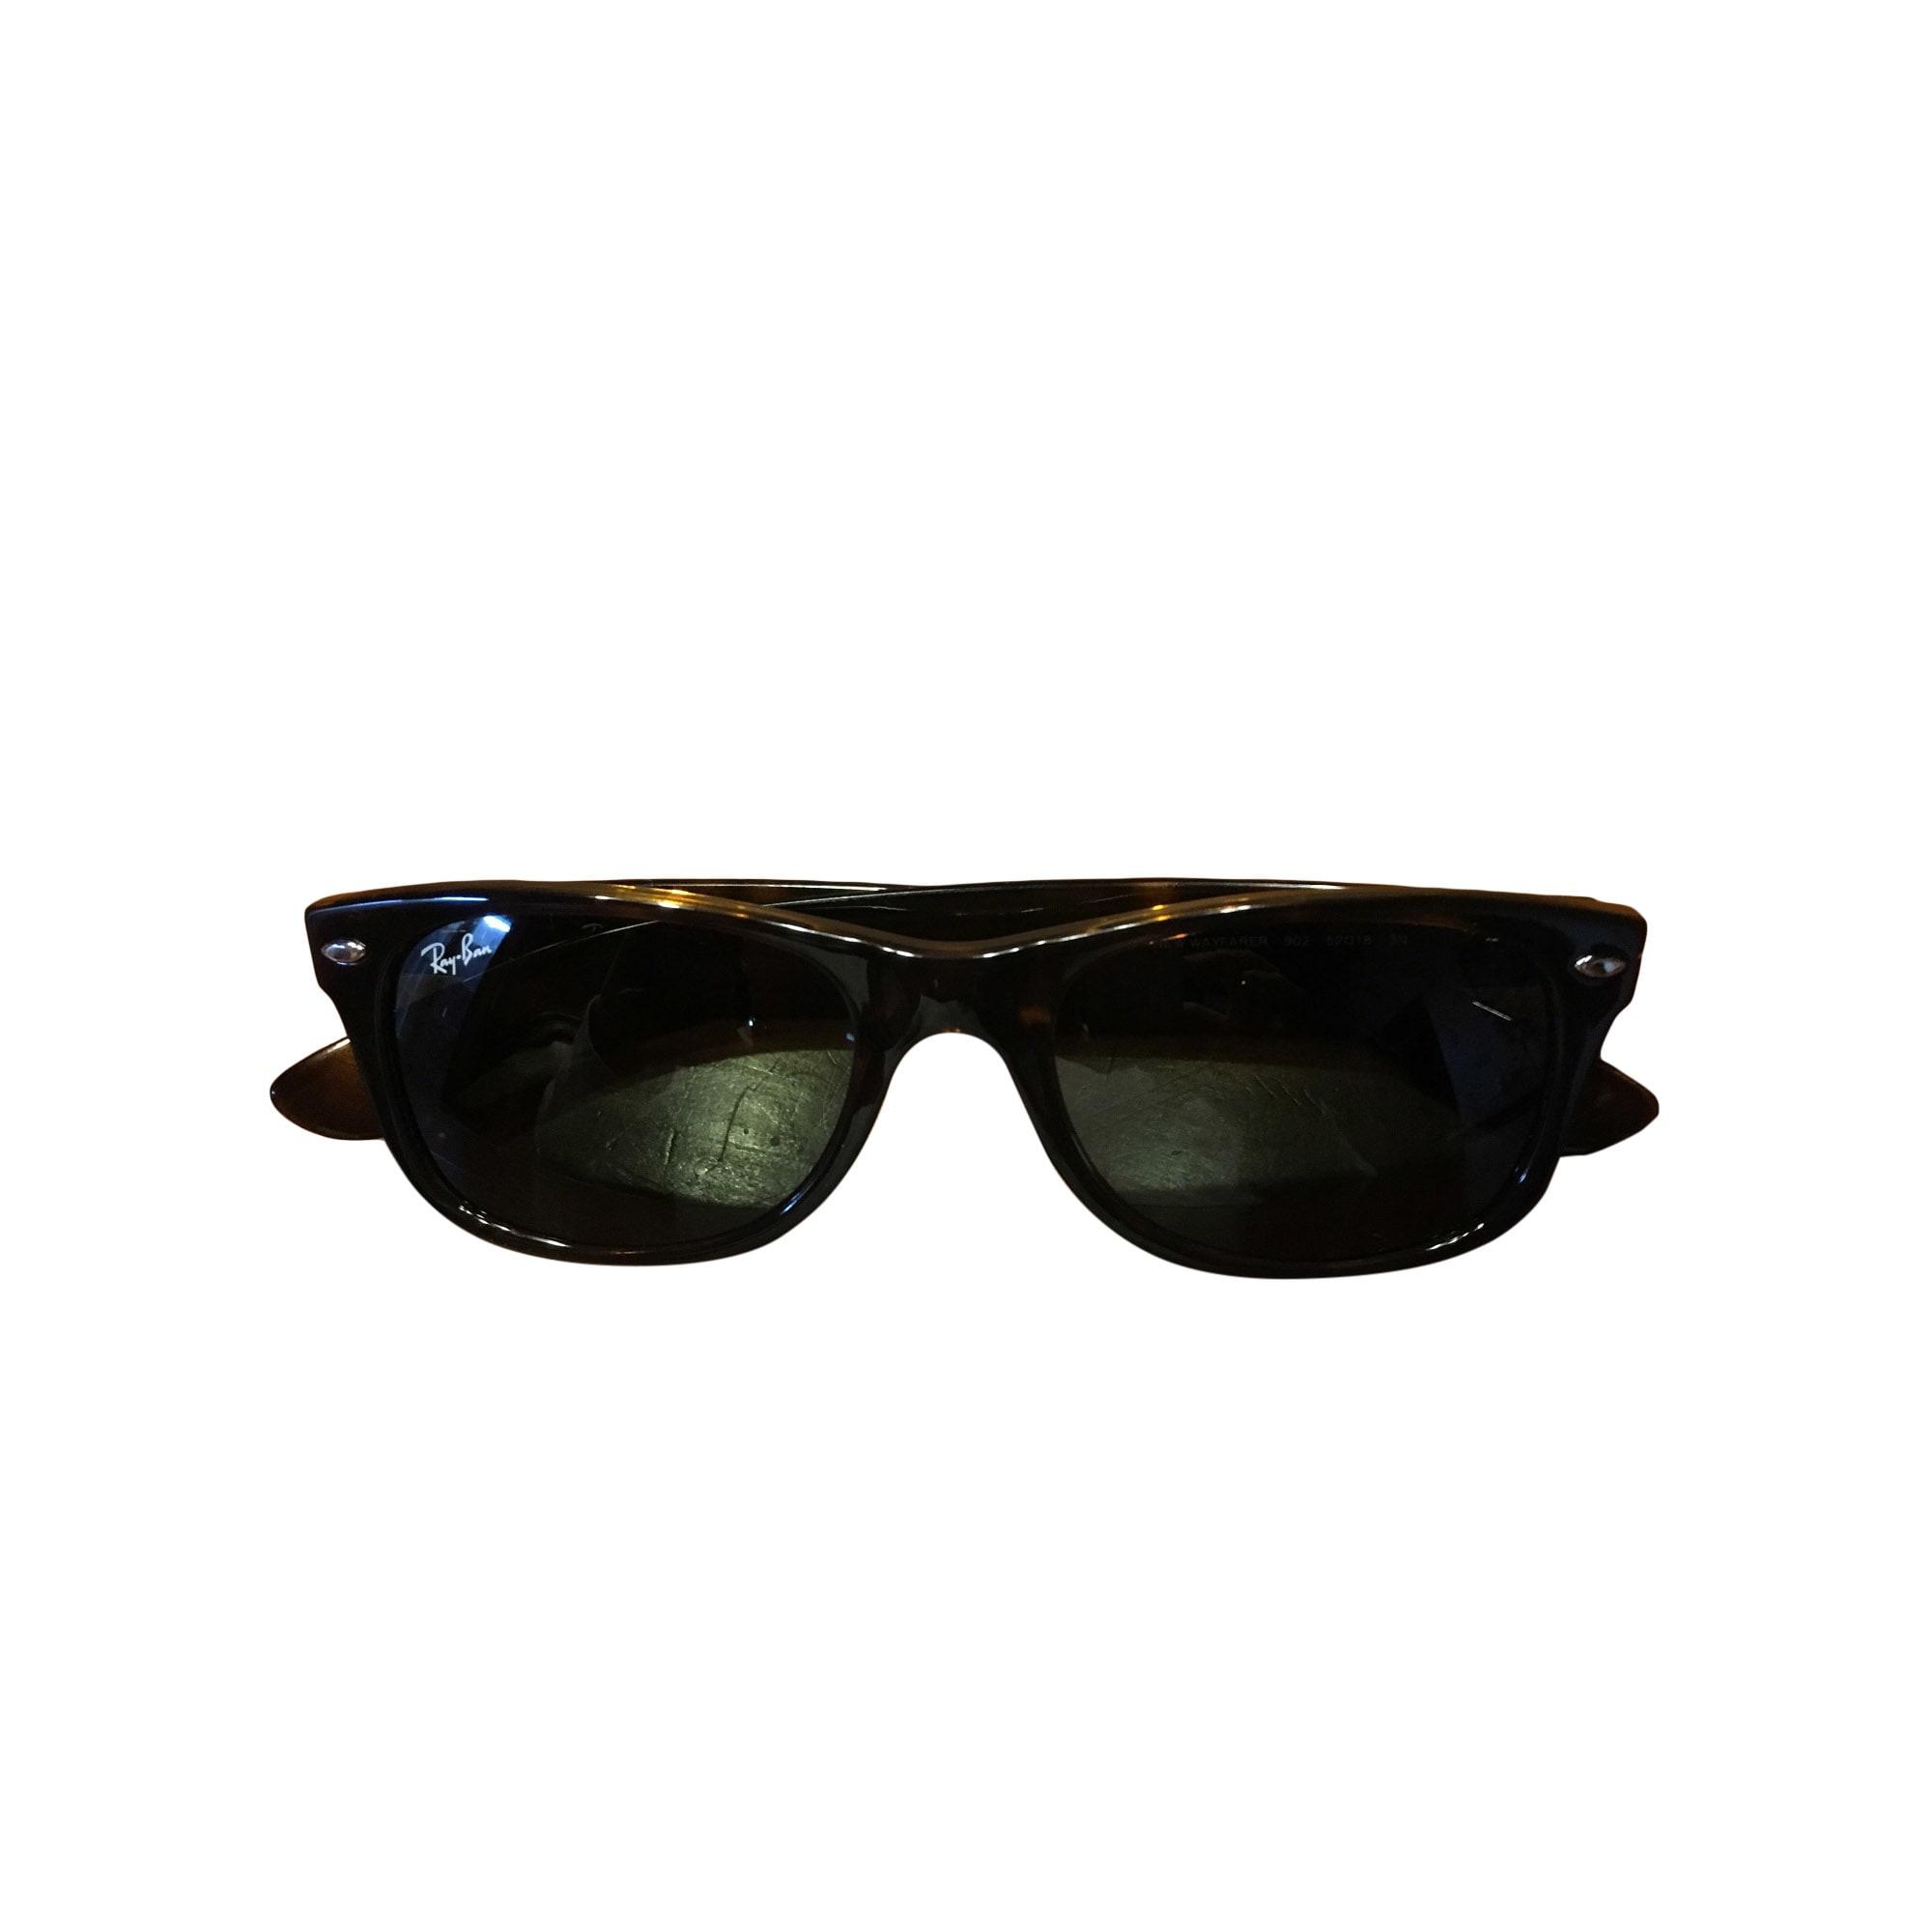 8fc6a90103e193 Sunglasses RAY-BAN brown - 7857478